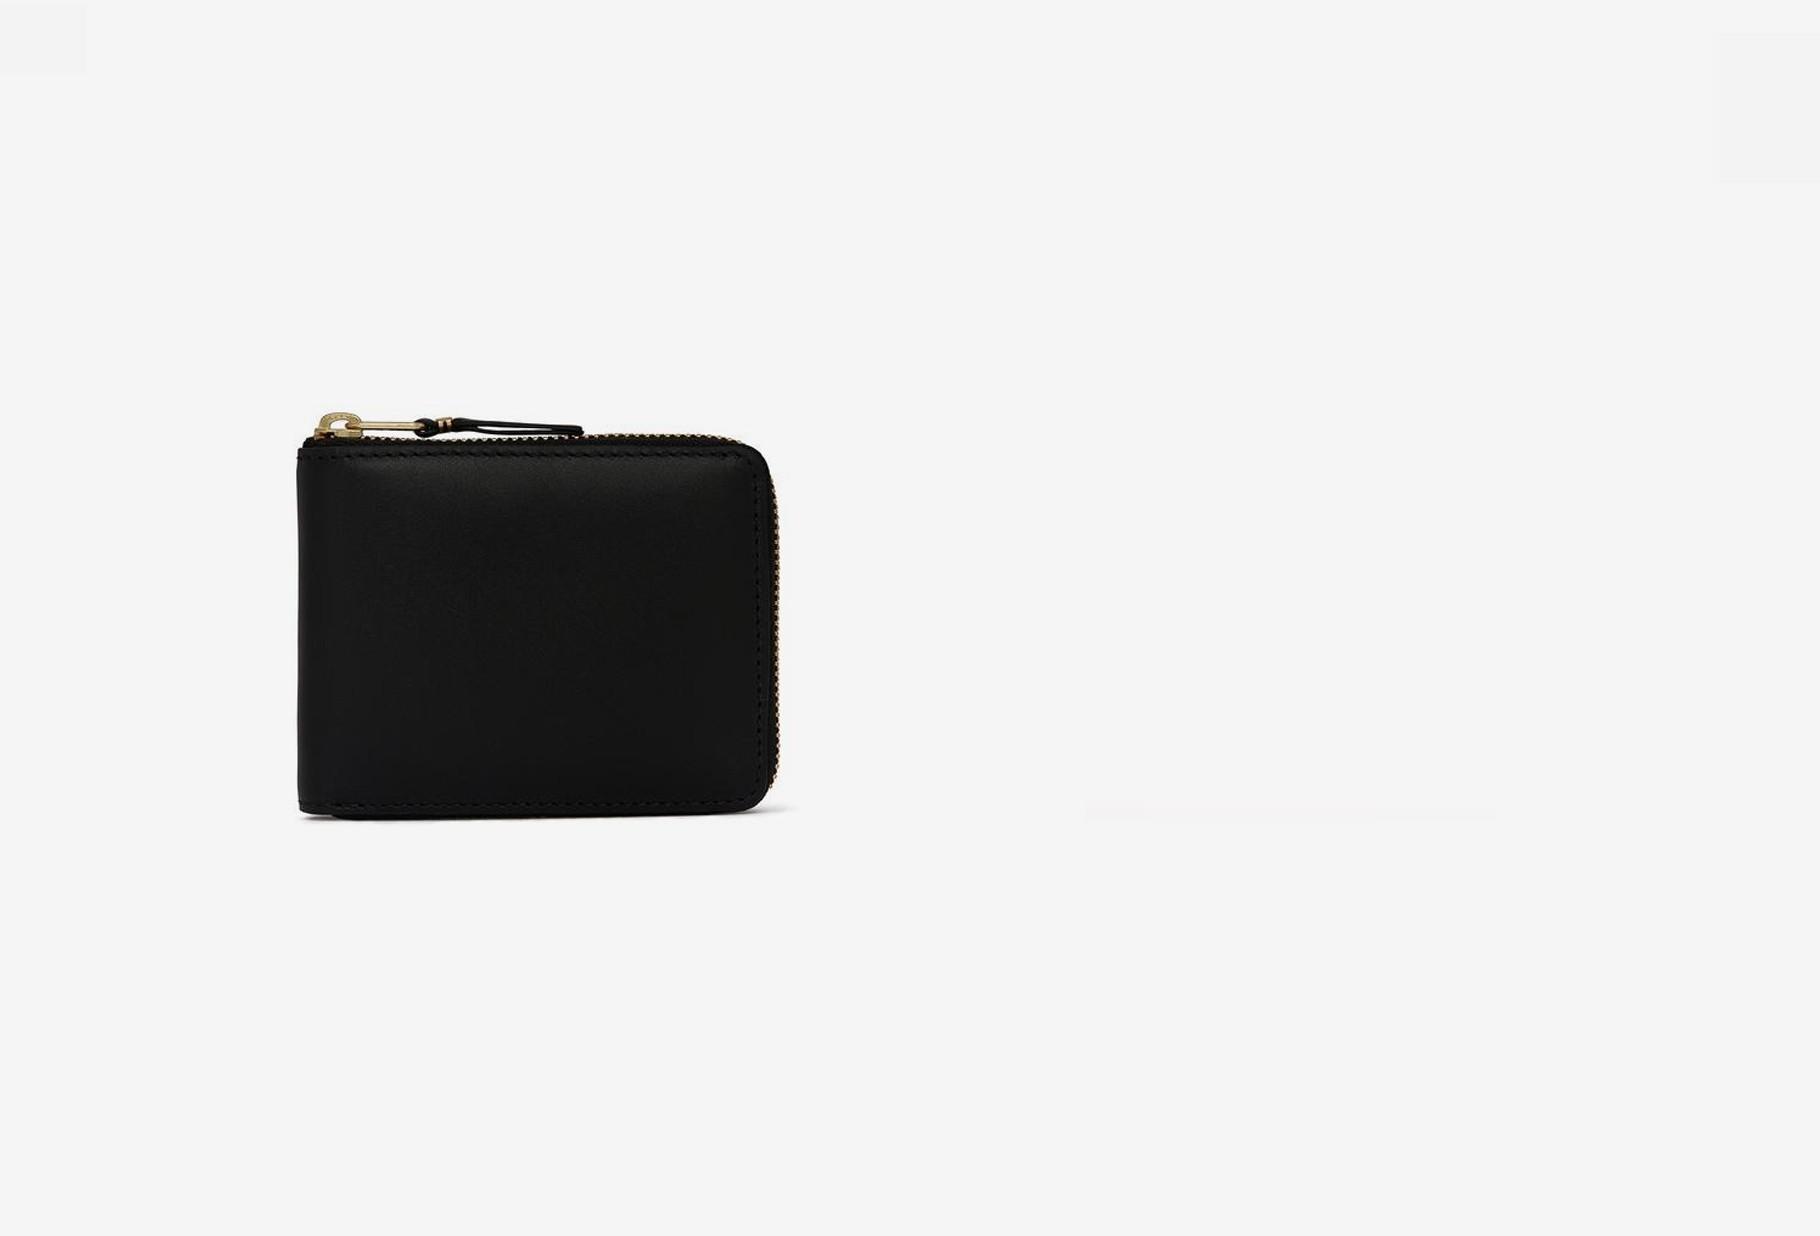 COMME DES GARÇONS WALLETS / Cdg leather wallet classic Sa7100 black